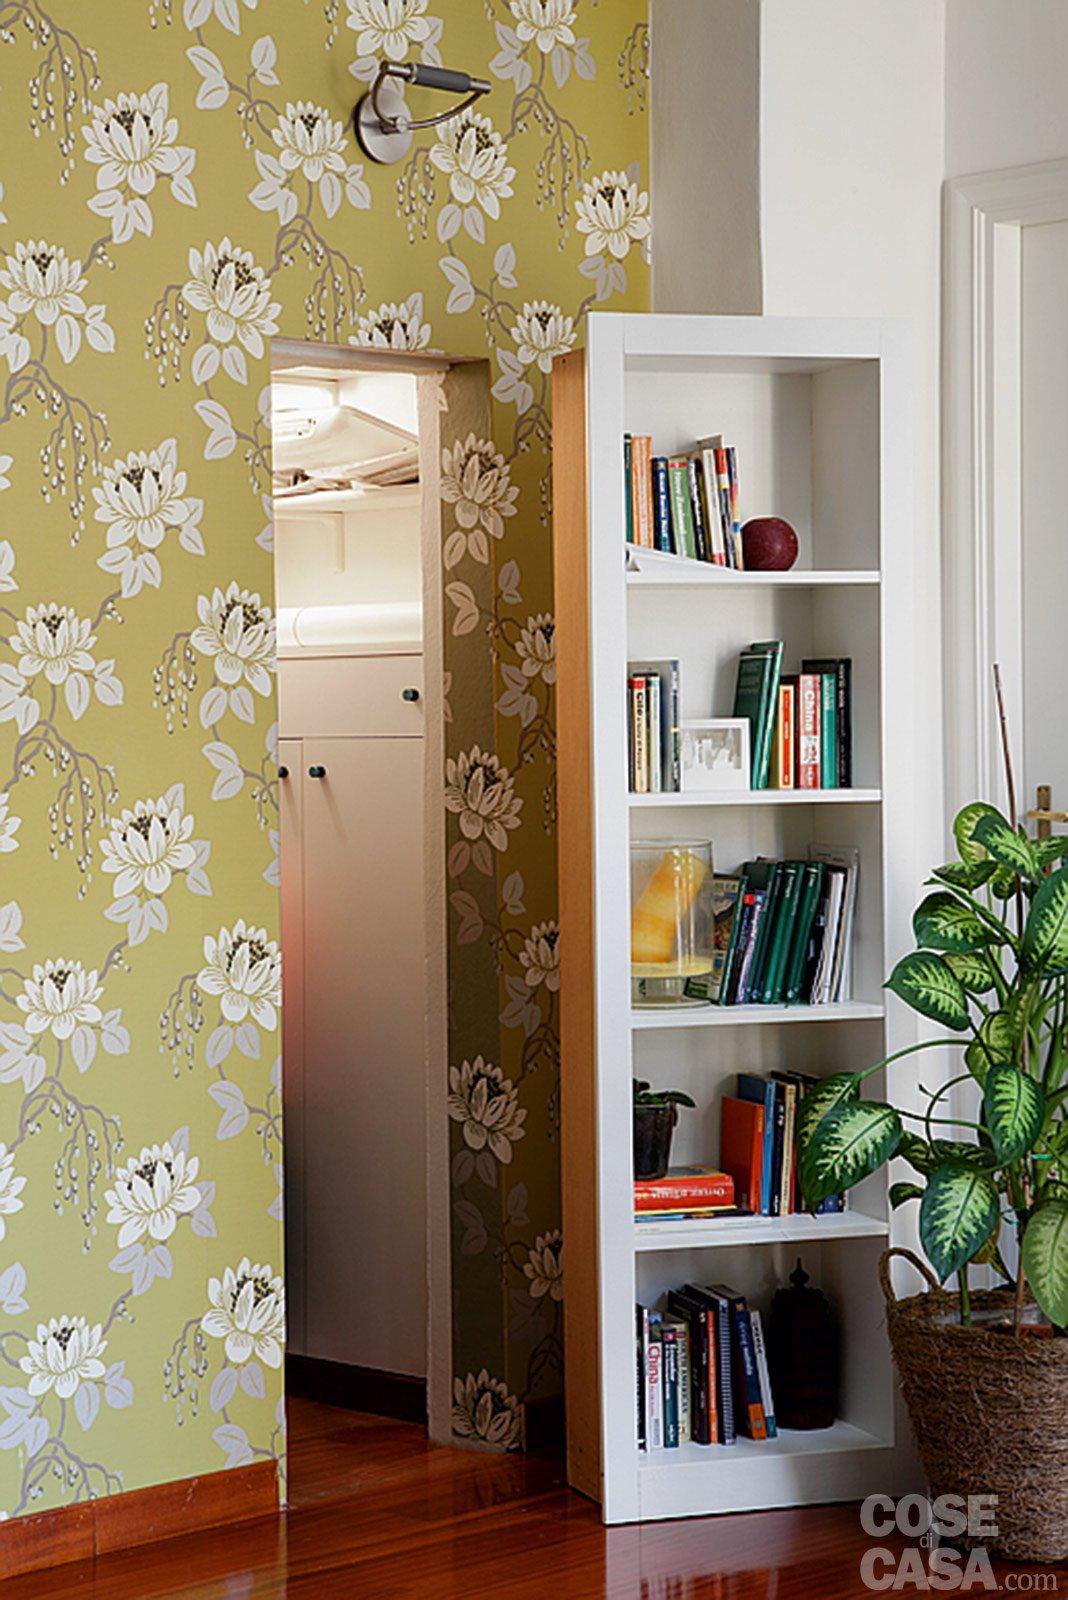 Una casa con vani a scomparsa cose di casa for Piani di casa con stanze nascoste